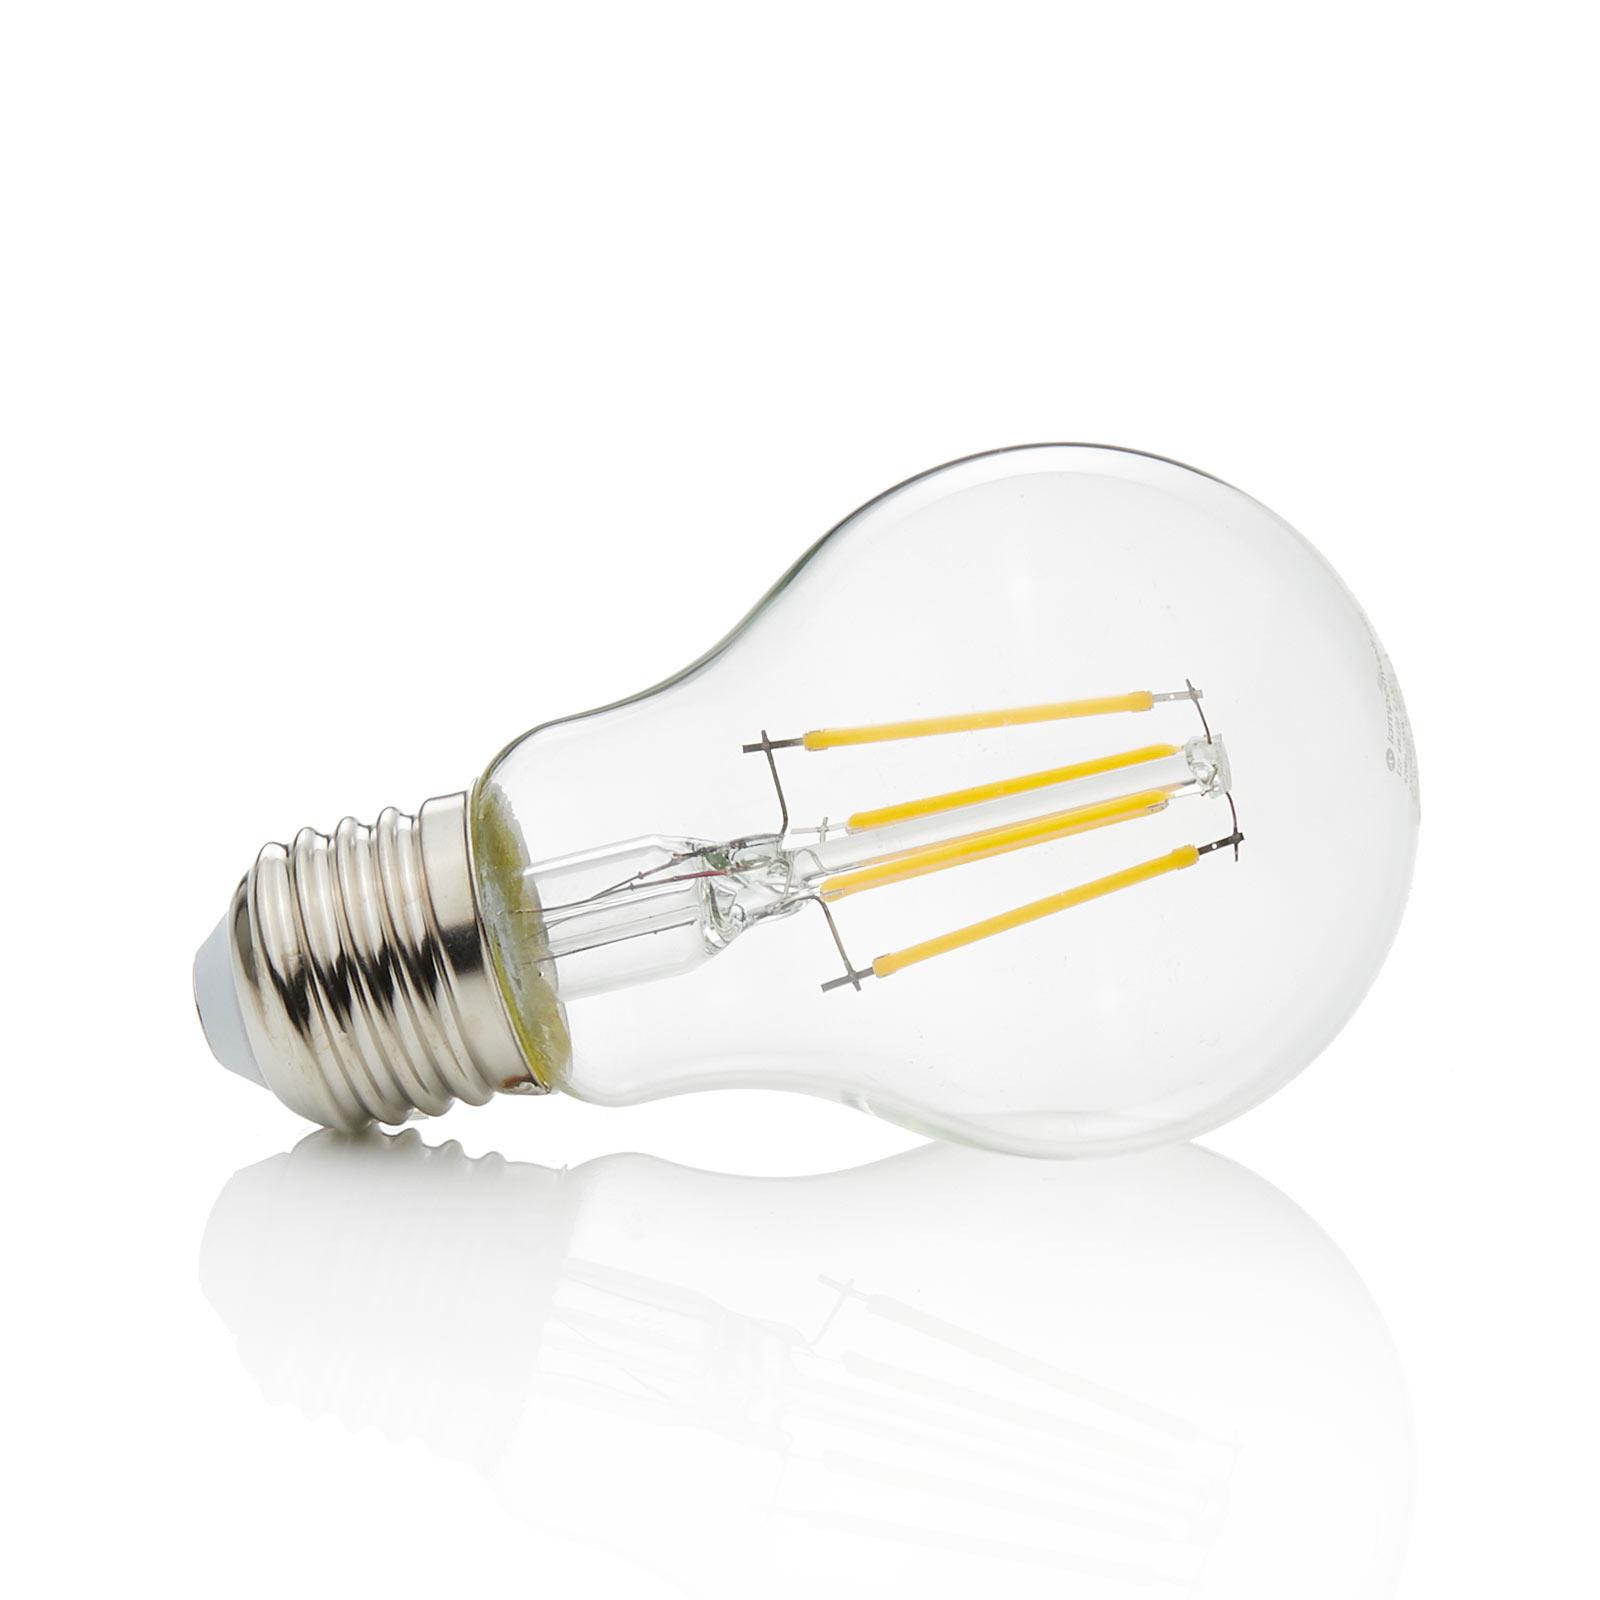 E27 LED žárovka Filament 4 W, 470 lm, 2700K, čirá